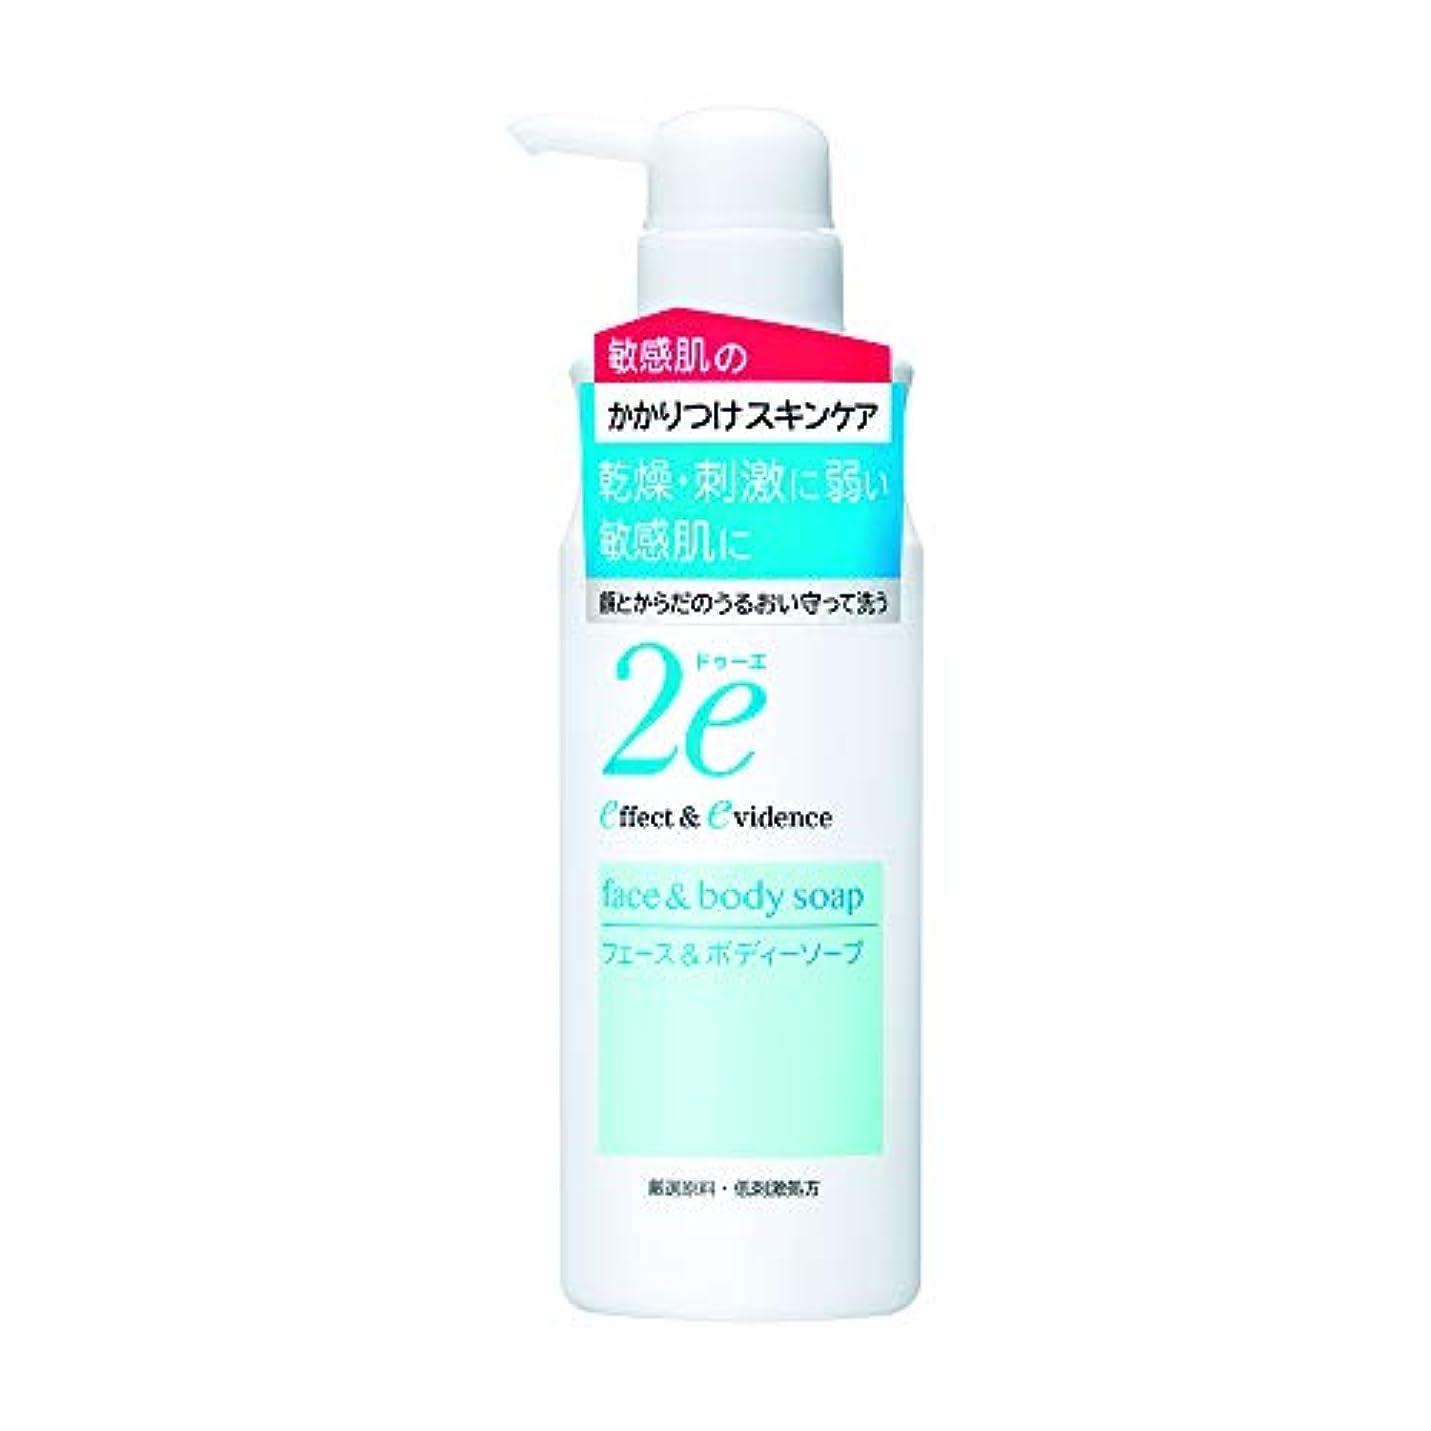 爆風褒賞フォーラム2e(ドゥーエ) フェース&ボディーソープ 敏感肌用洗浄料 低刺激処方 420ml ボディソープ